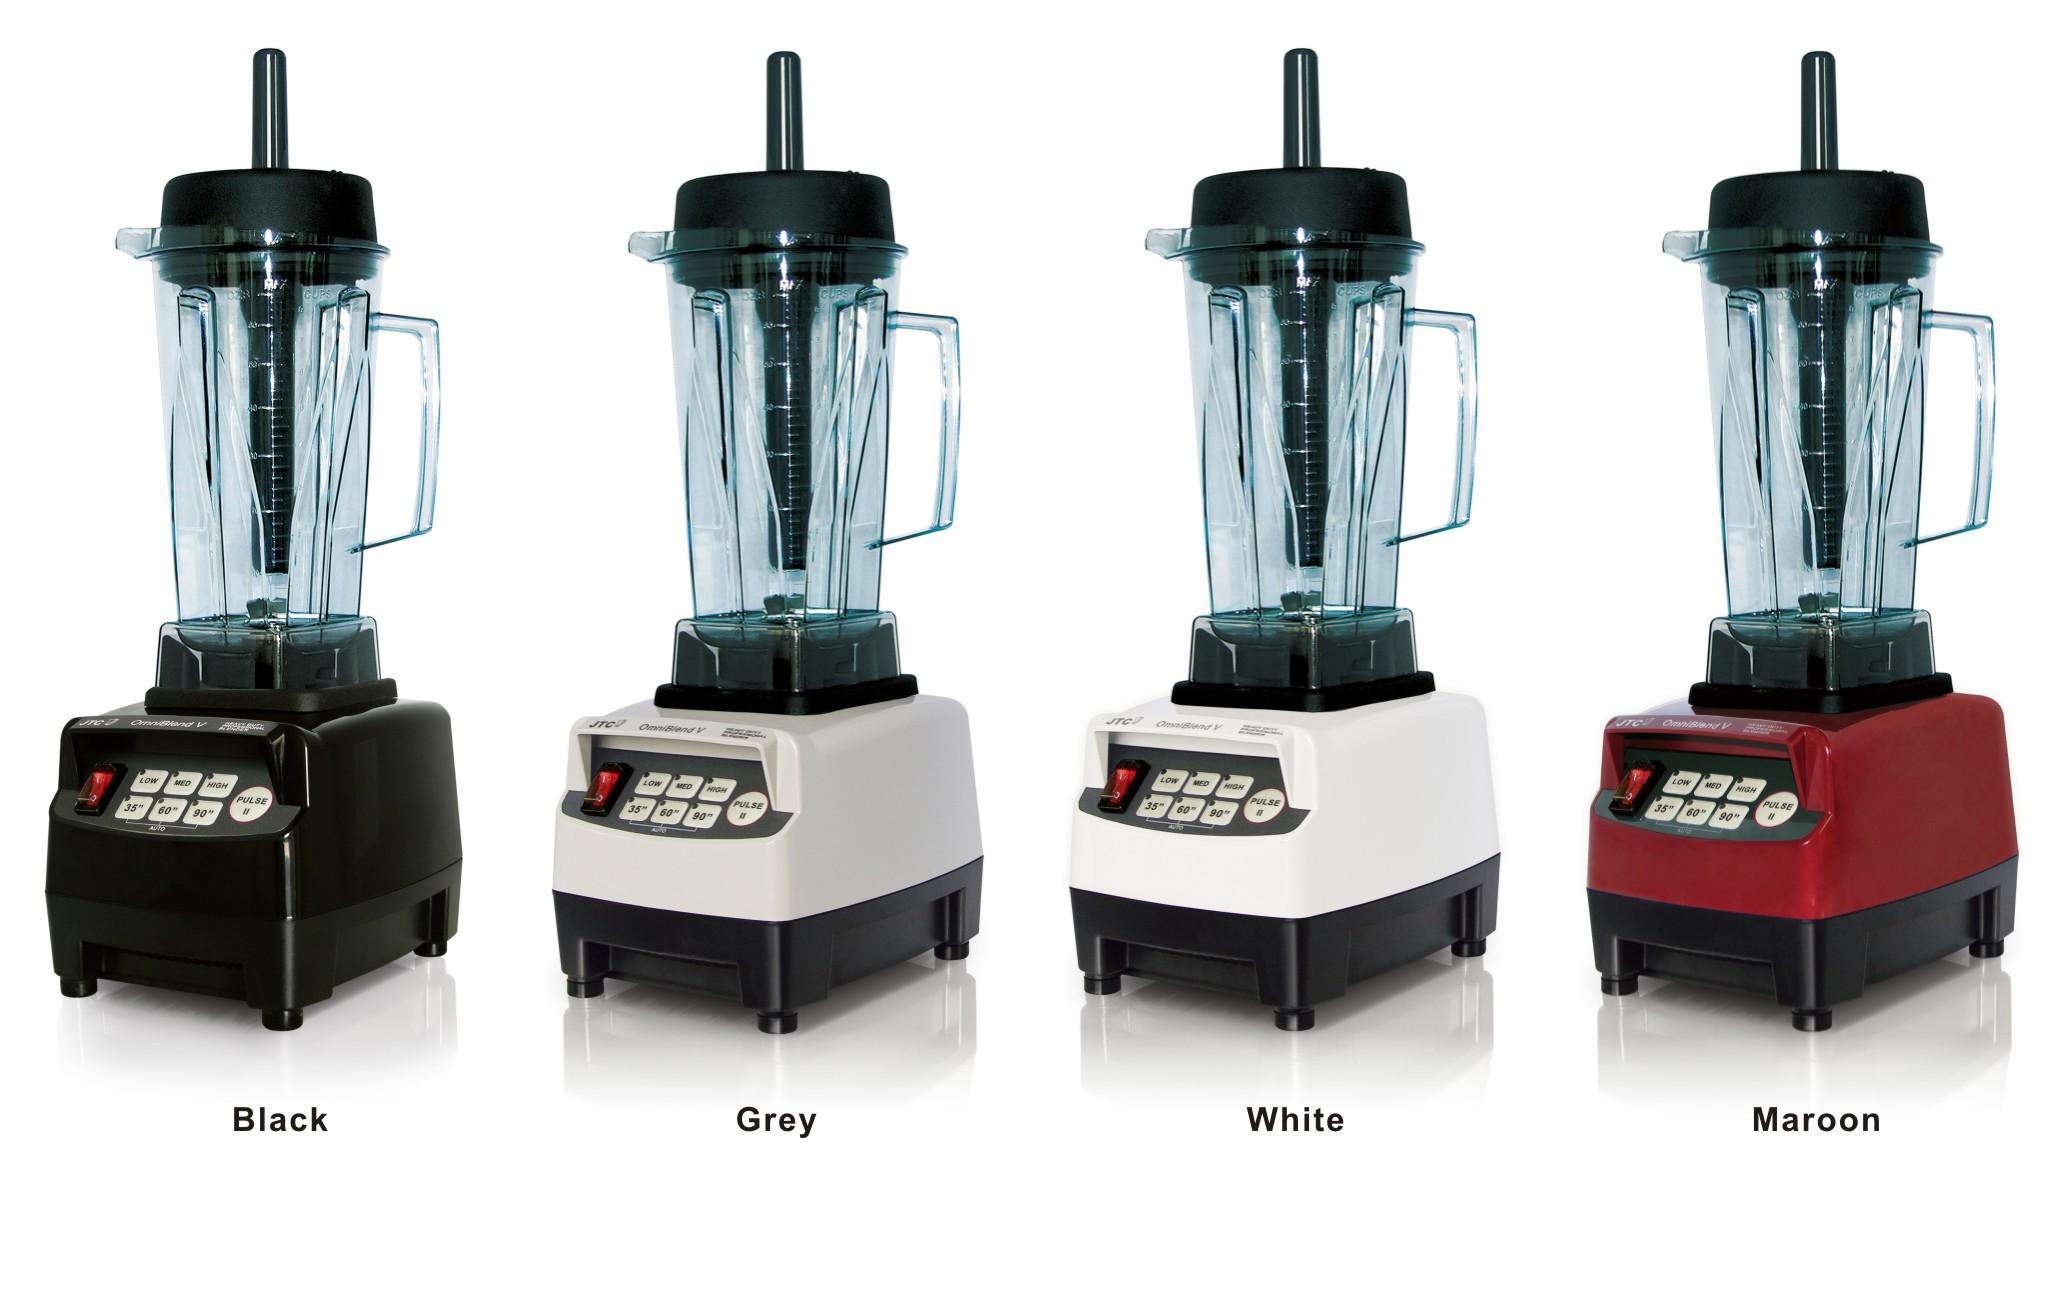 Polyvalent JTC mélangeur commercial, Modèle: TM-800, Noir, LIVRAISON GRATUITE, 100% GARANTI PAS. 1 QUALITÉ DANS LE MONDE.